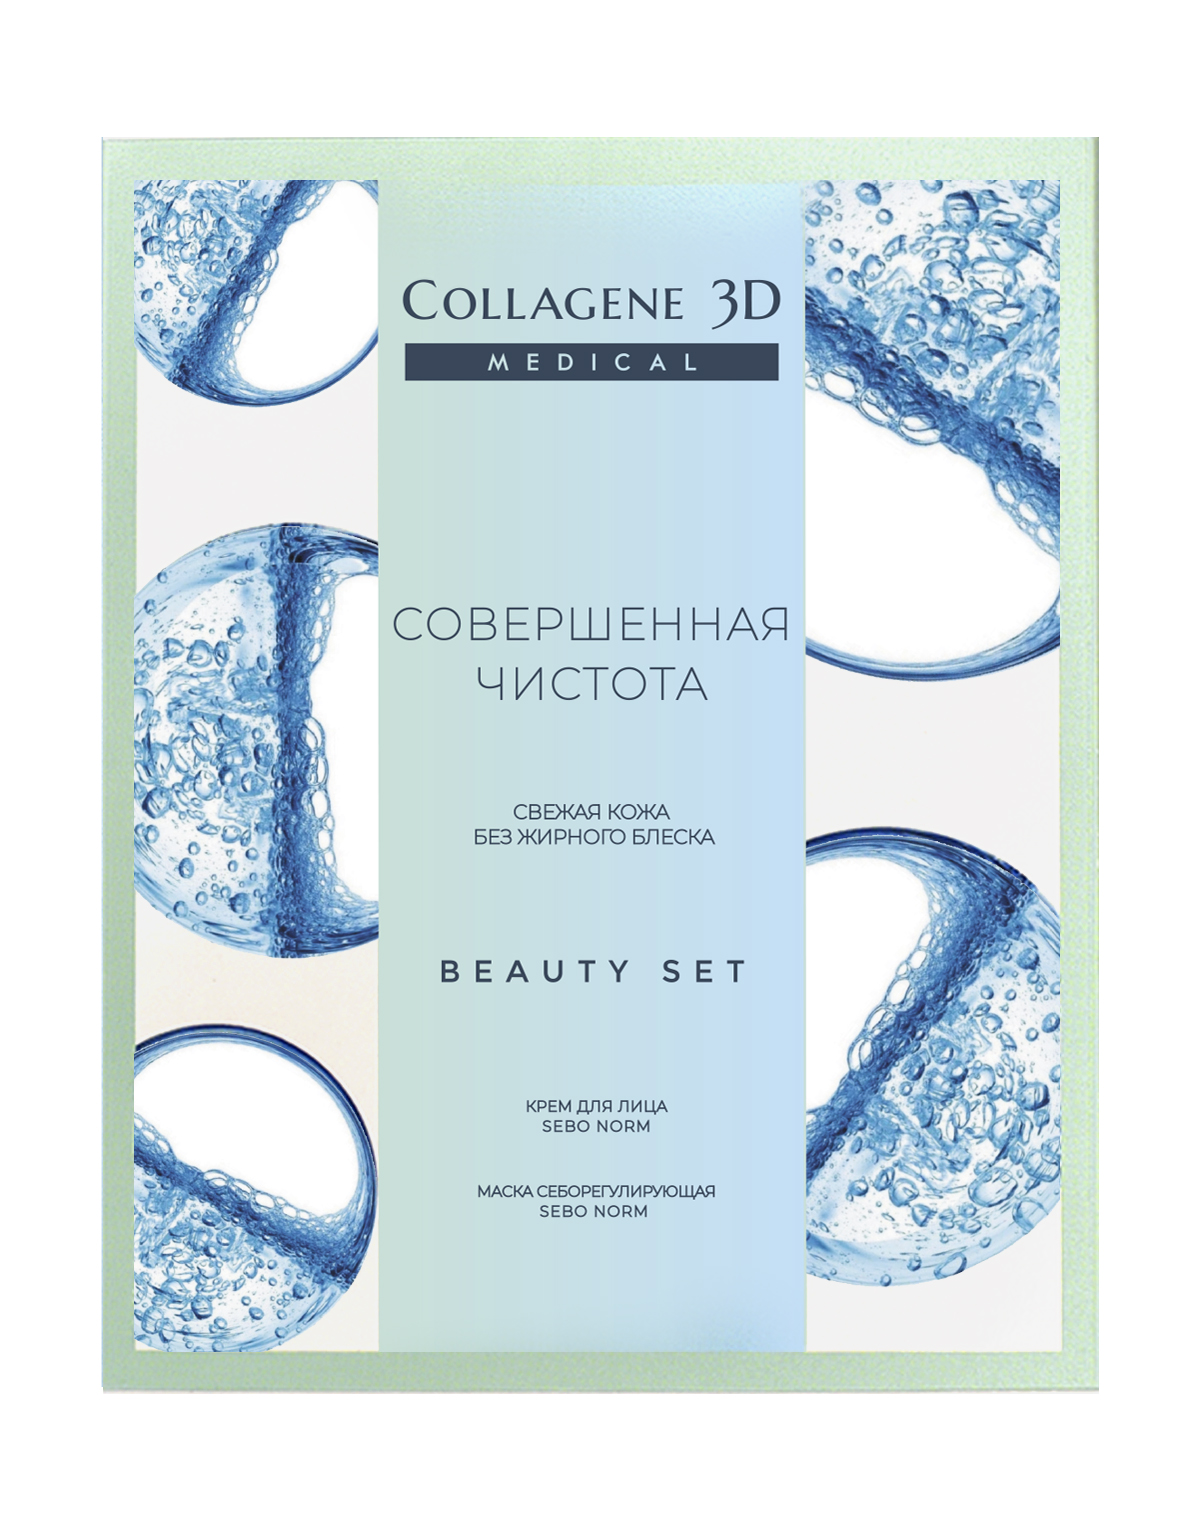 Купить Collagene 3D Набор подарочный Совершенная чистота: Крем для лица Sebo Norm 30 мл + Маска себорегулирующая Sebo Norm 75 мл (Collagene 3D, Sebo norm), Россия